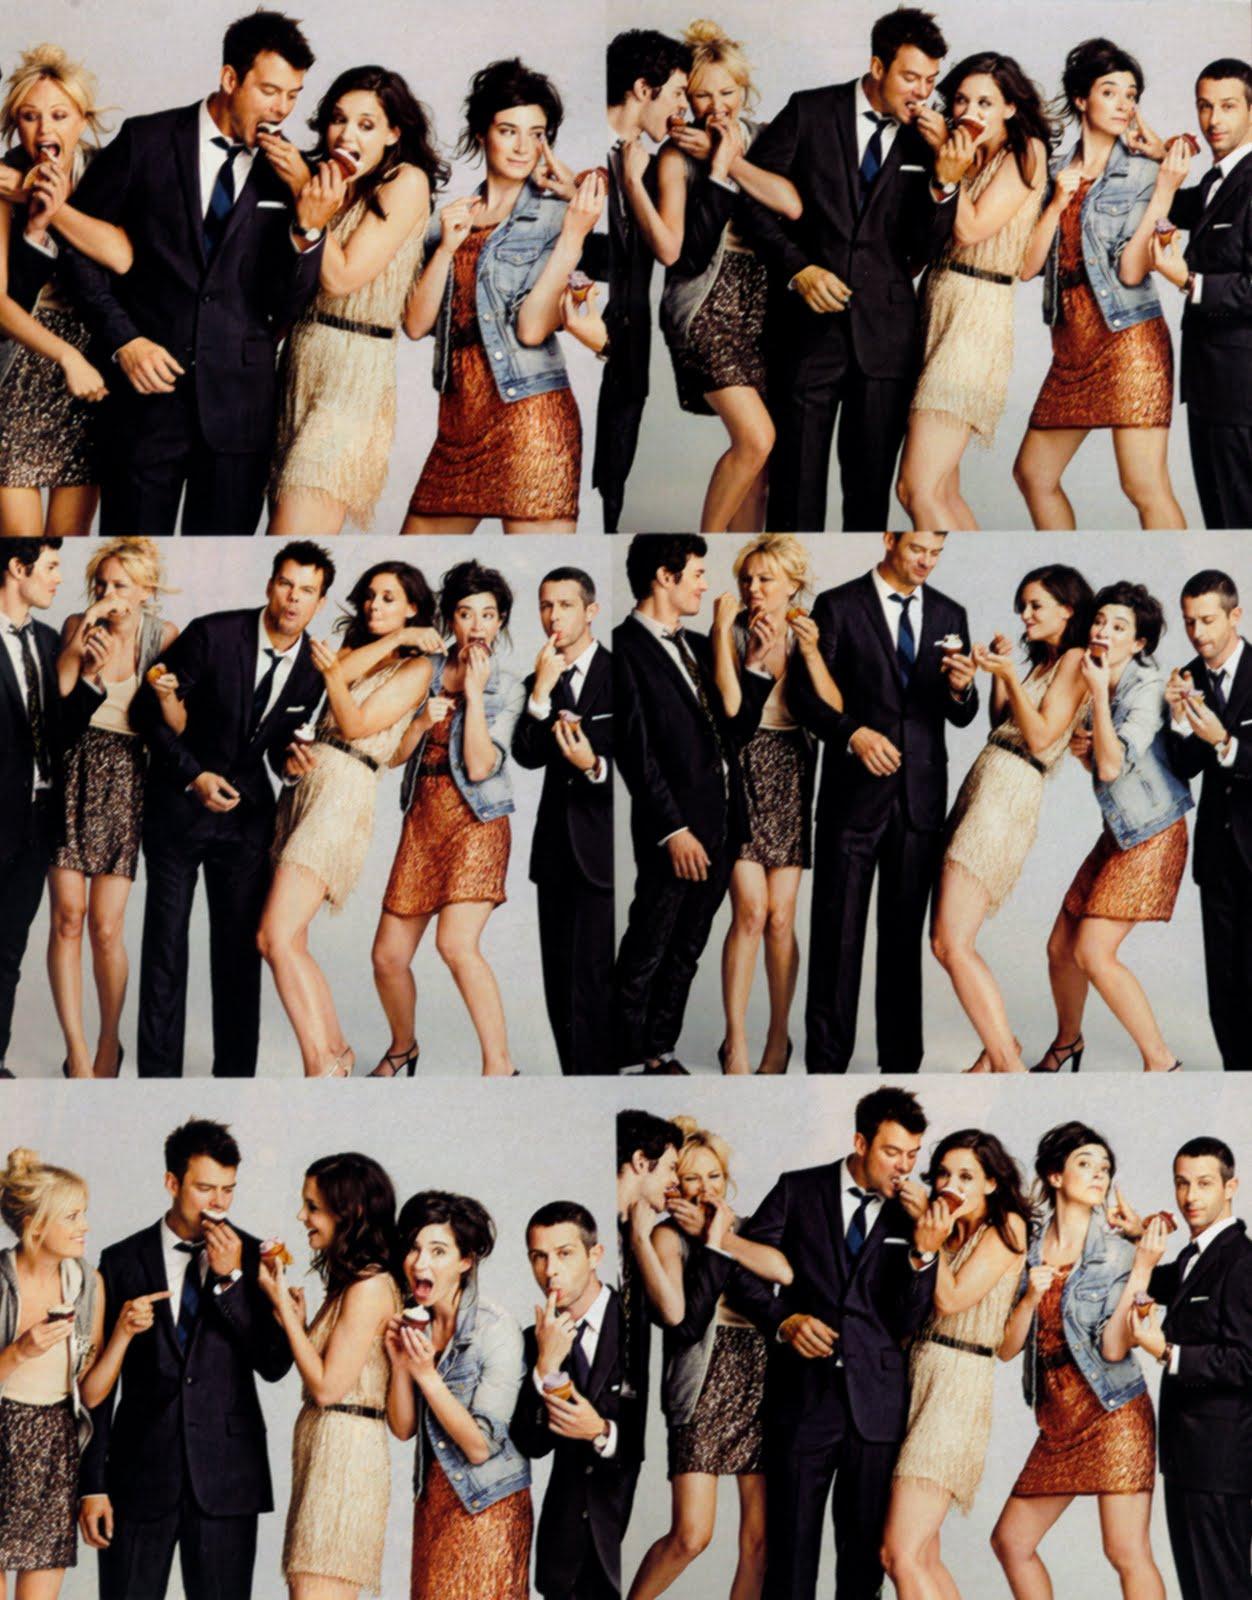 http://1.bp.blogspot.com/_c9KotcbaiBc/THvS0FMHgsI/AAAAAAAAGkY/3VdF0kzUuH0/s1600/Katie+and+Josh+J+Crew+Romantics+Group.jpg